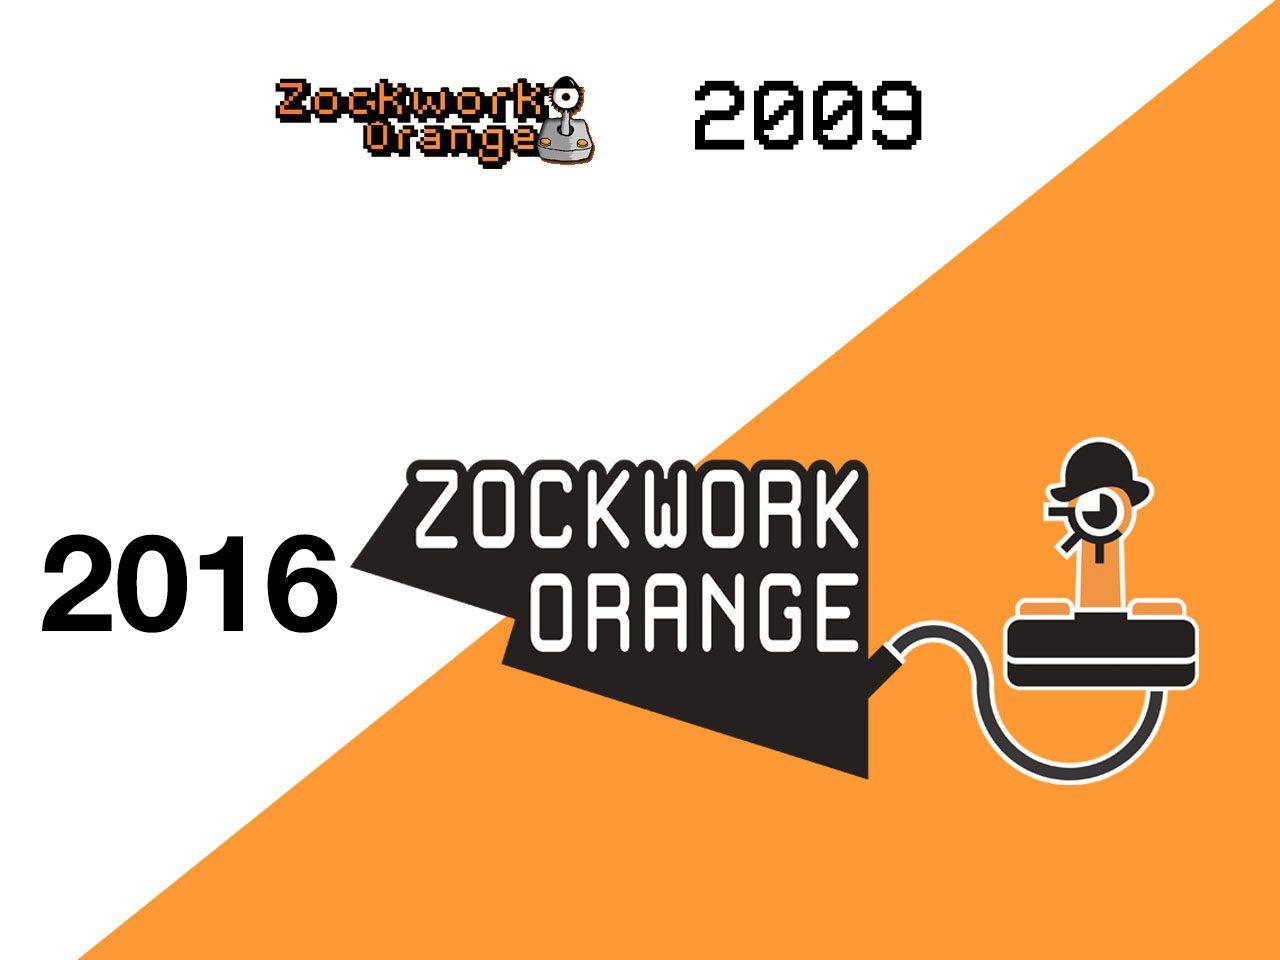 Zockwork Orange wurde 2009 gegründet. (Bild: David May)